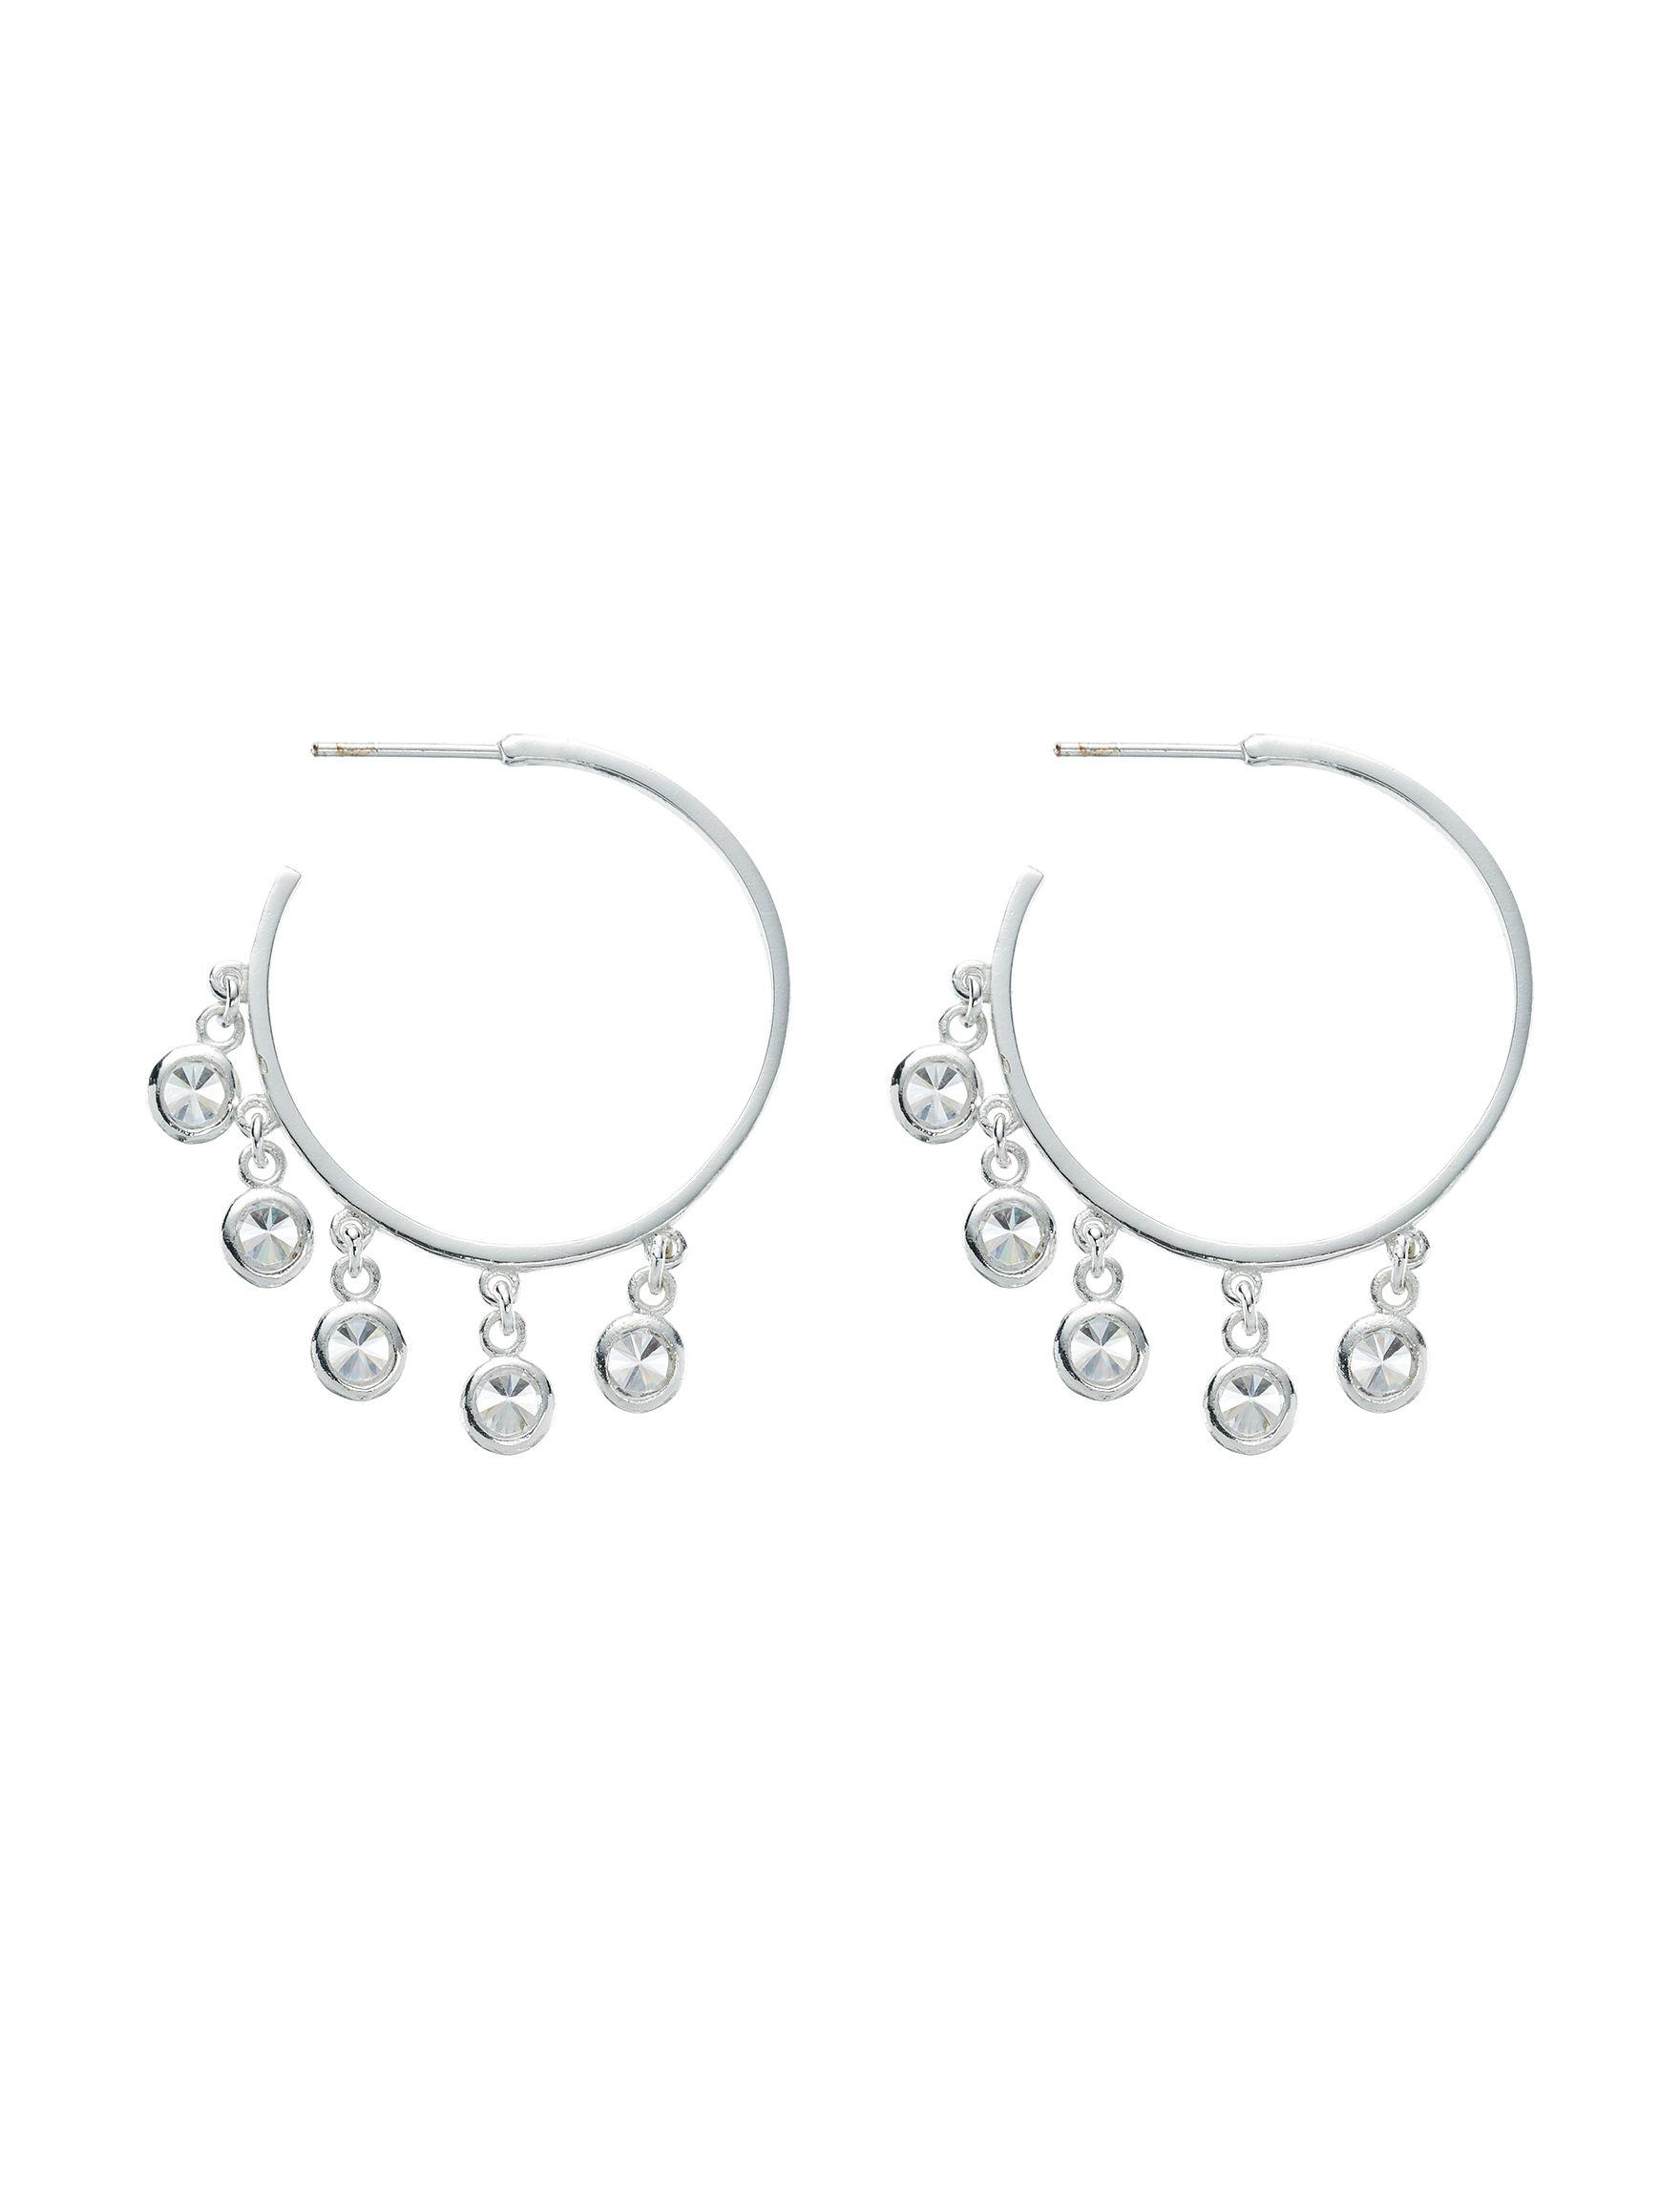 Marsala Sterling Silver Hoops Fine Jewelry